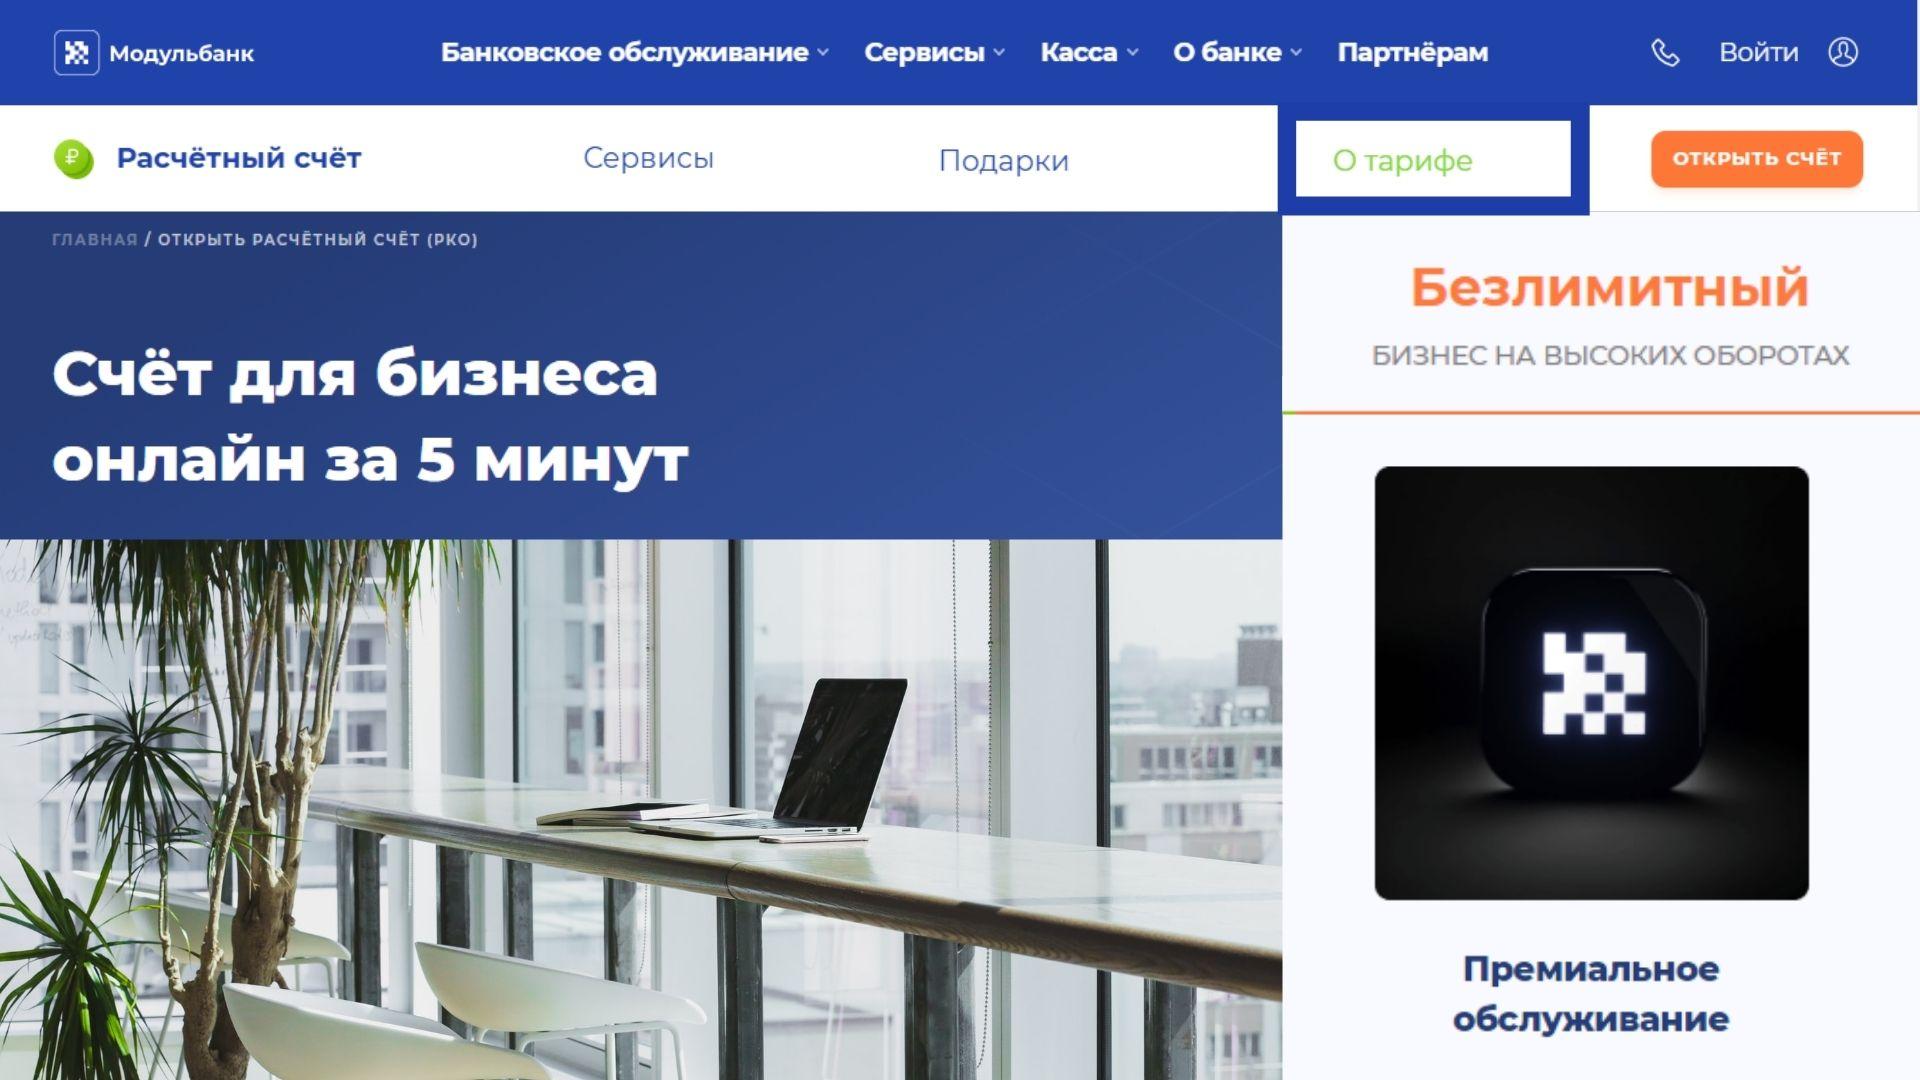 ТАРИФ для ИП и ООО Модуль Банк БЕЗЛИМИТНЫЙ